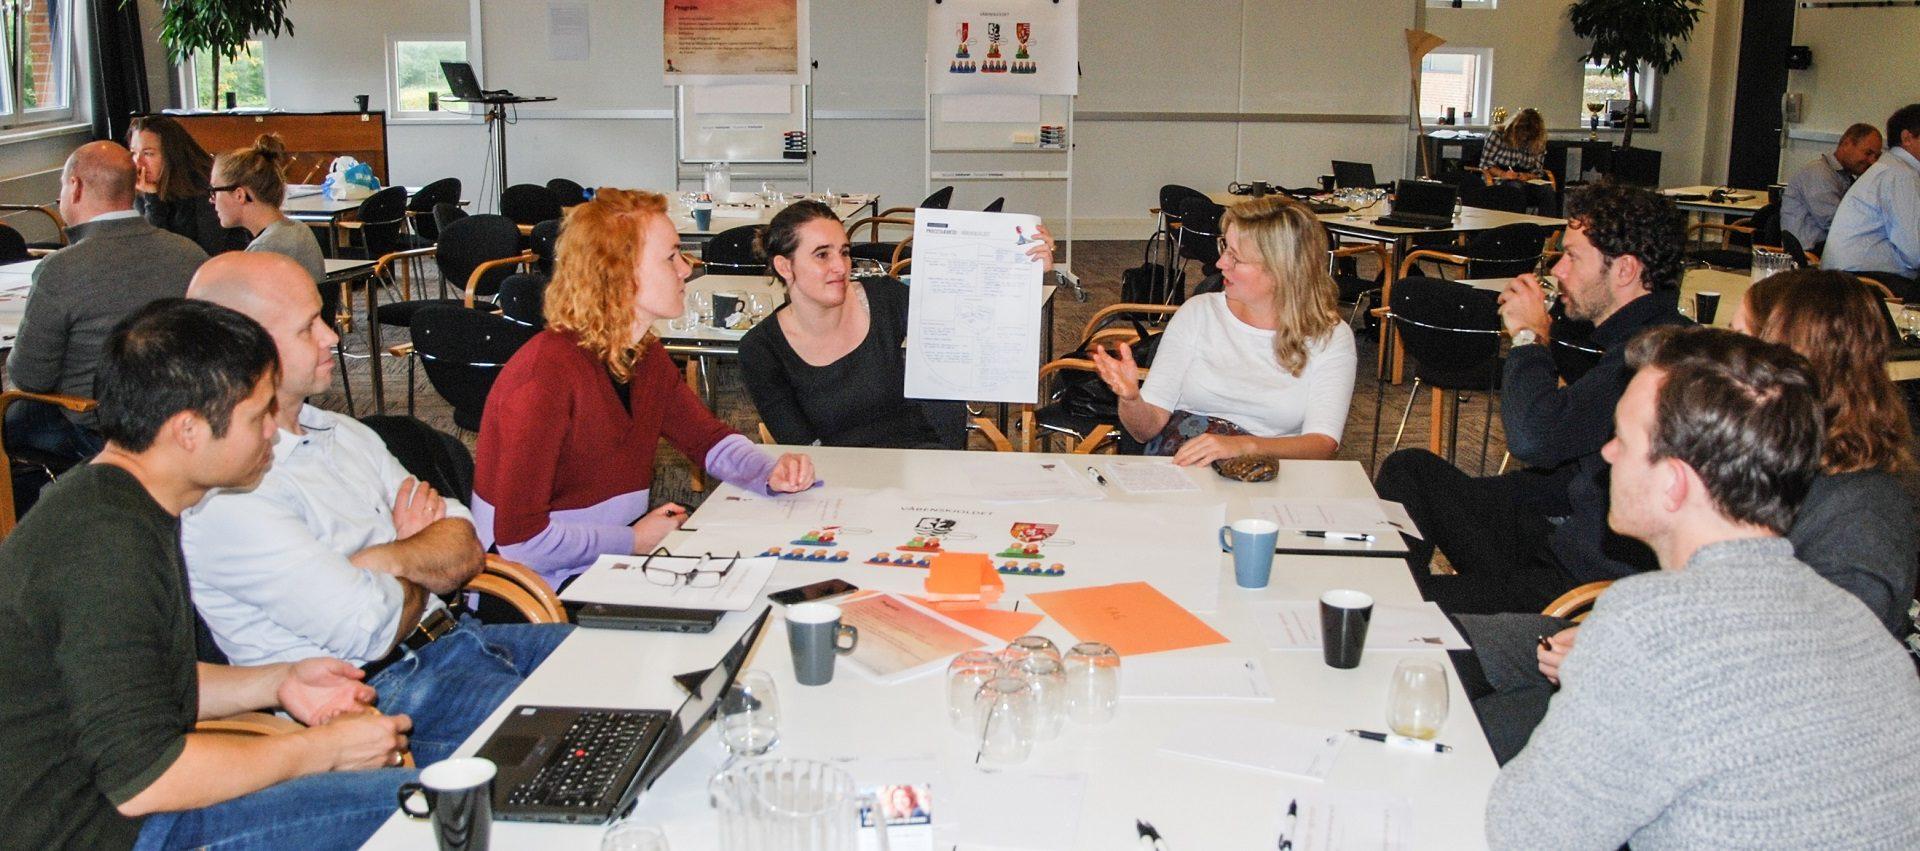 Styrelsen for Undervisning og Kvalitet på workshop om samarbejde og videndeling på tværs